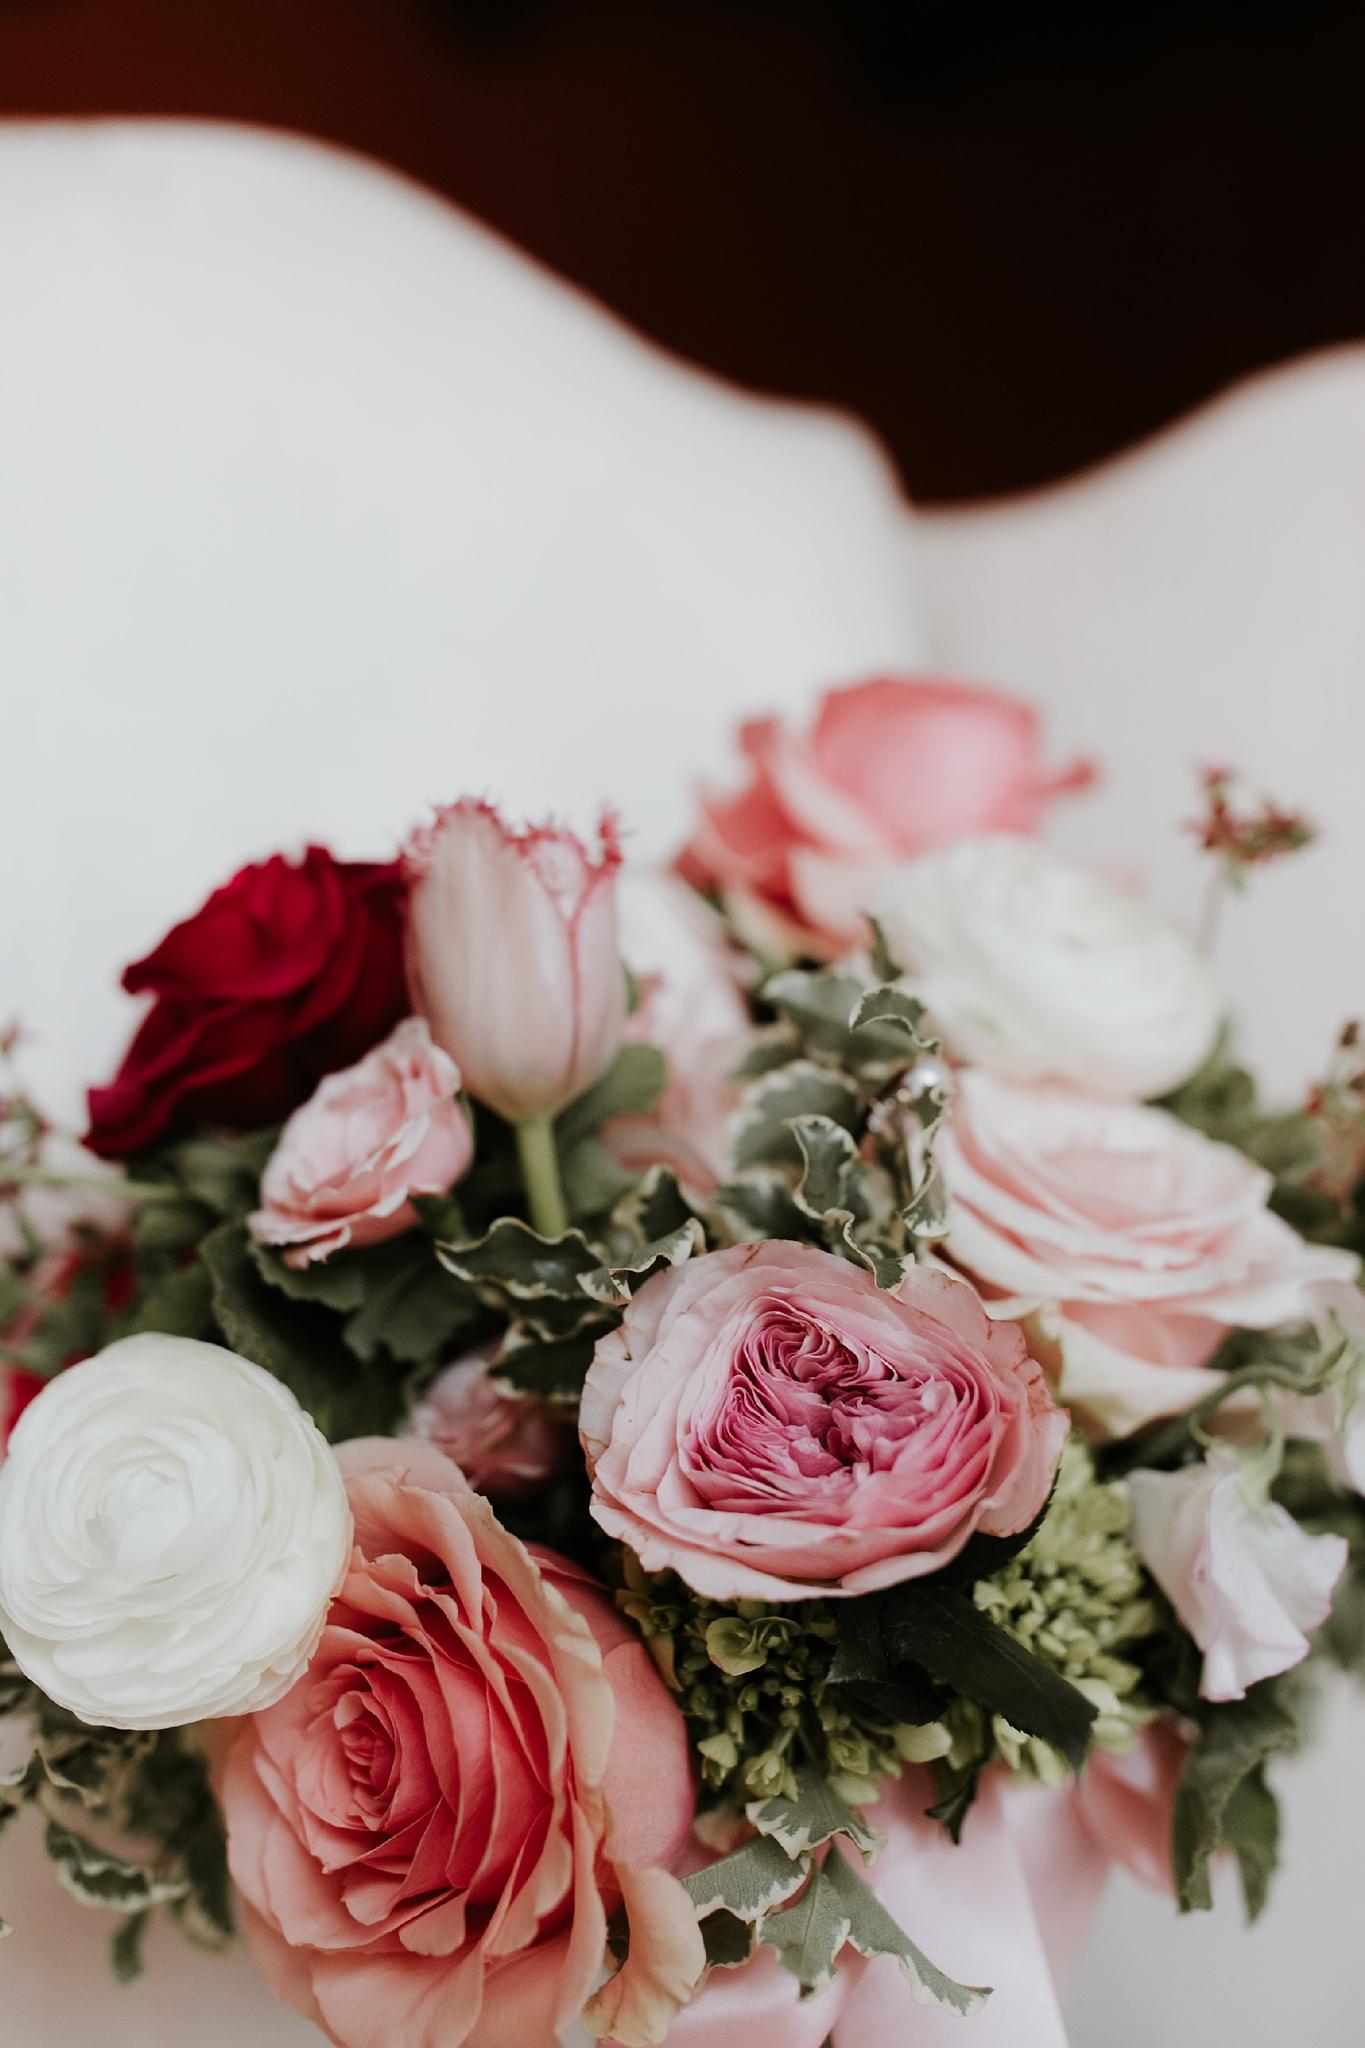 Alicia+lucia+photography+-+albuquerque+wedding+photographer+-+santa+fe+wedding+photography+-+new+mexico+wedding+photographer+-+new+mexico+florist+-+wedding+florist+-+renegade+floral_0051.jpg